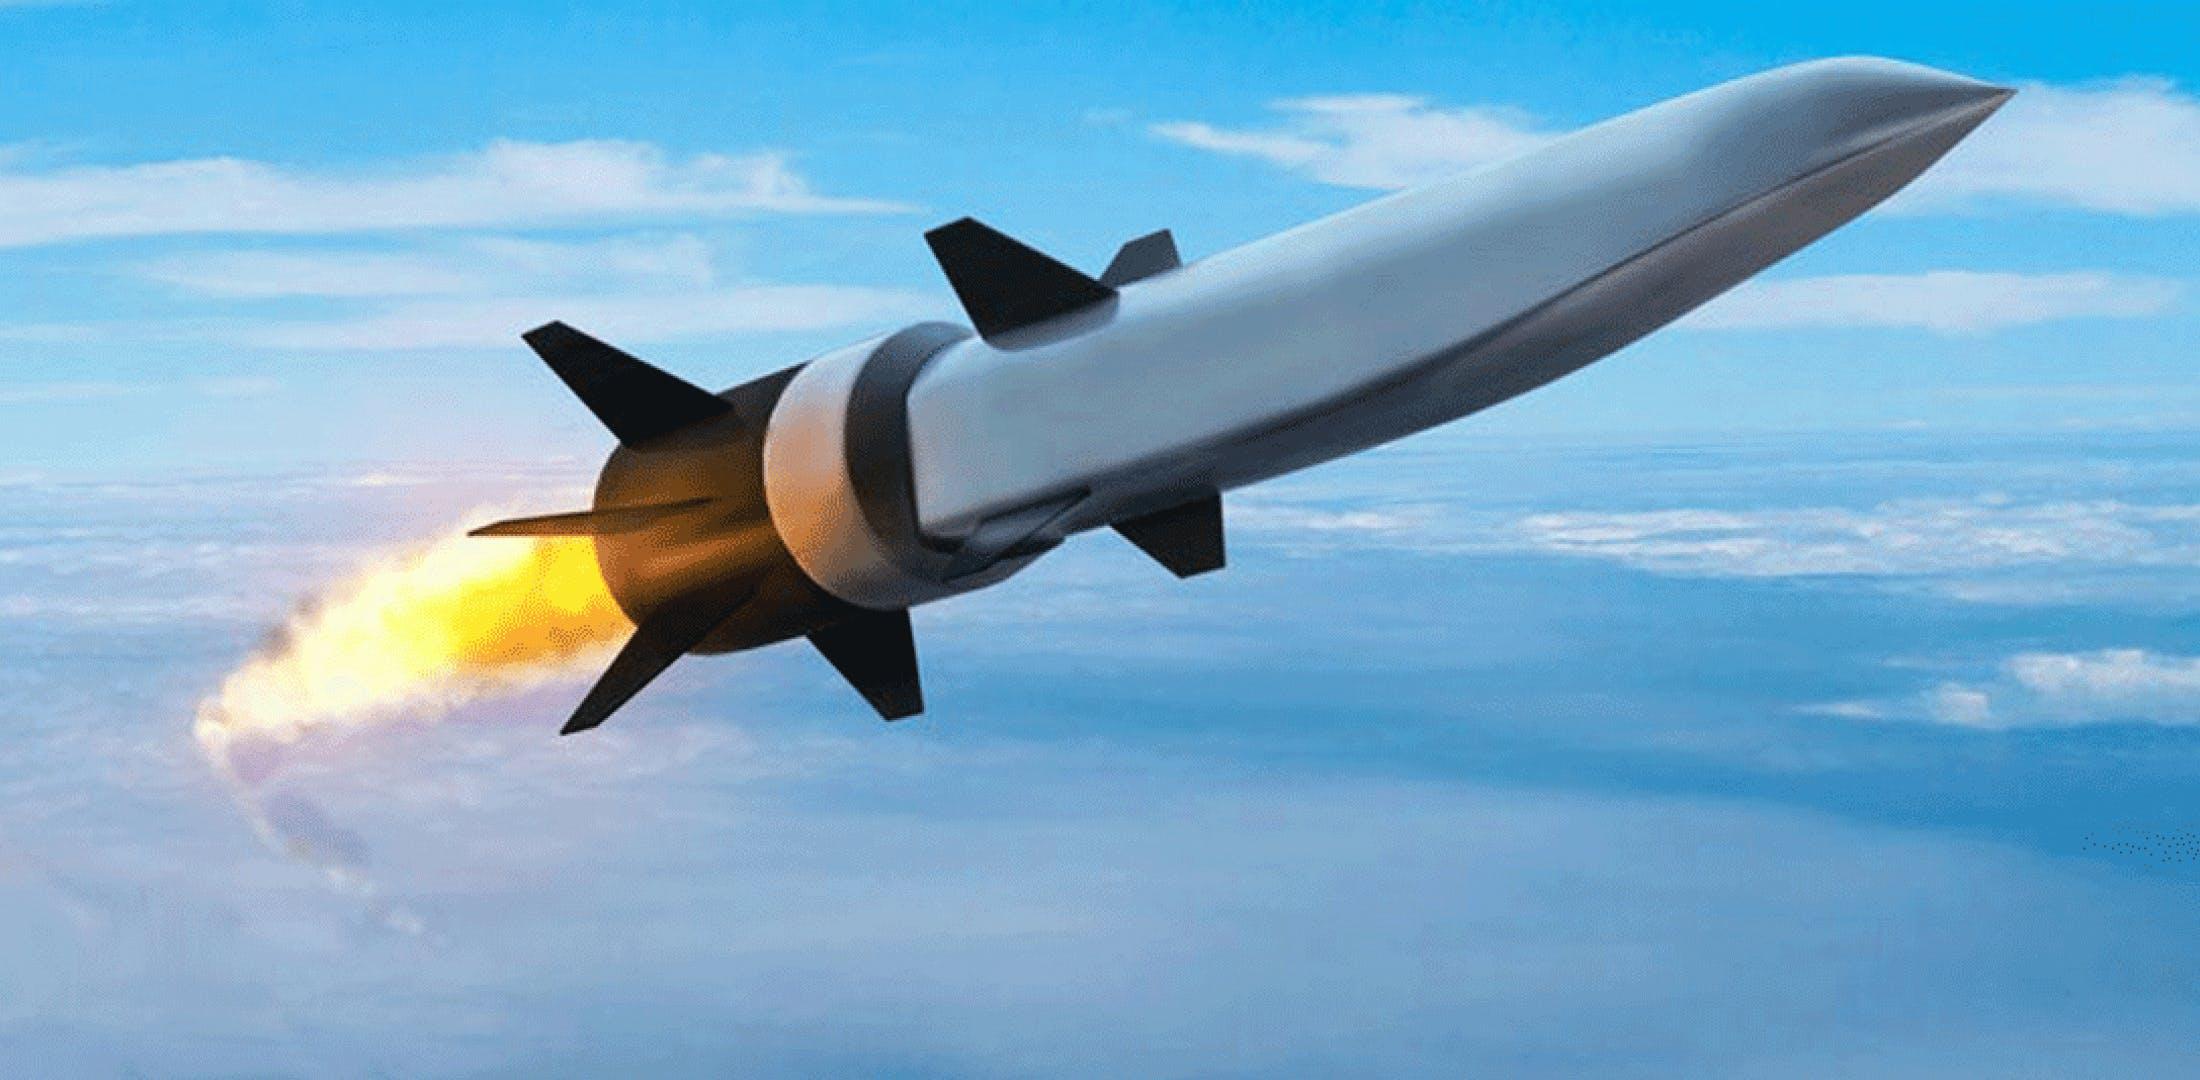 Гонка гиперзвуковых вооружений набирает обороты: в США испытан новый планер